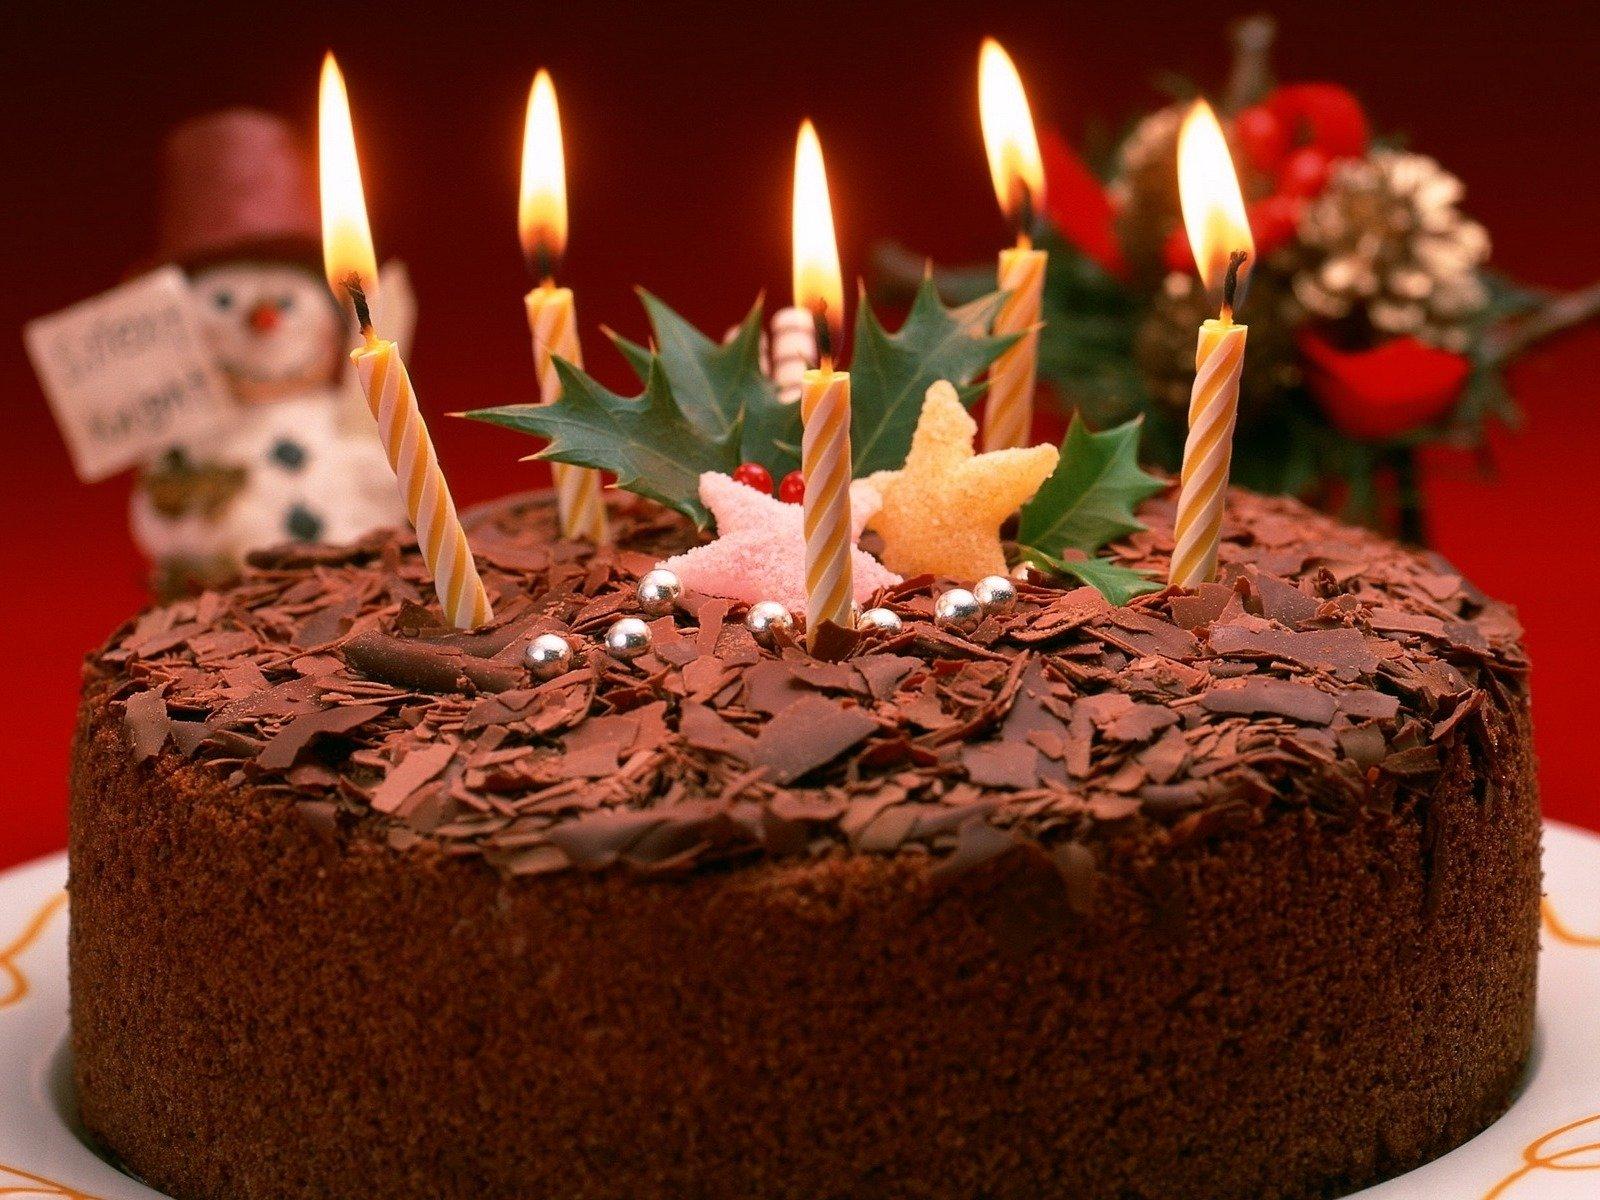 #Vanilniy mishka #HappyBirthdayС днем рождения меня :3 - Изображение 1